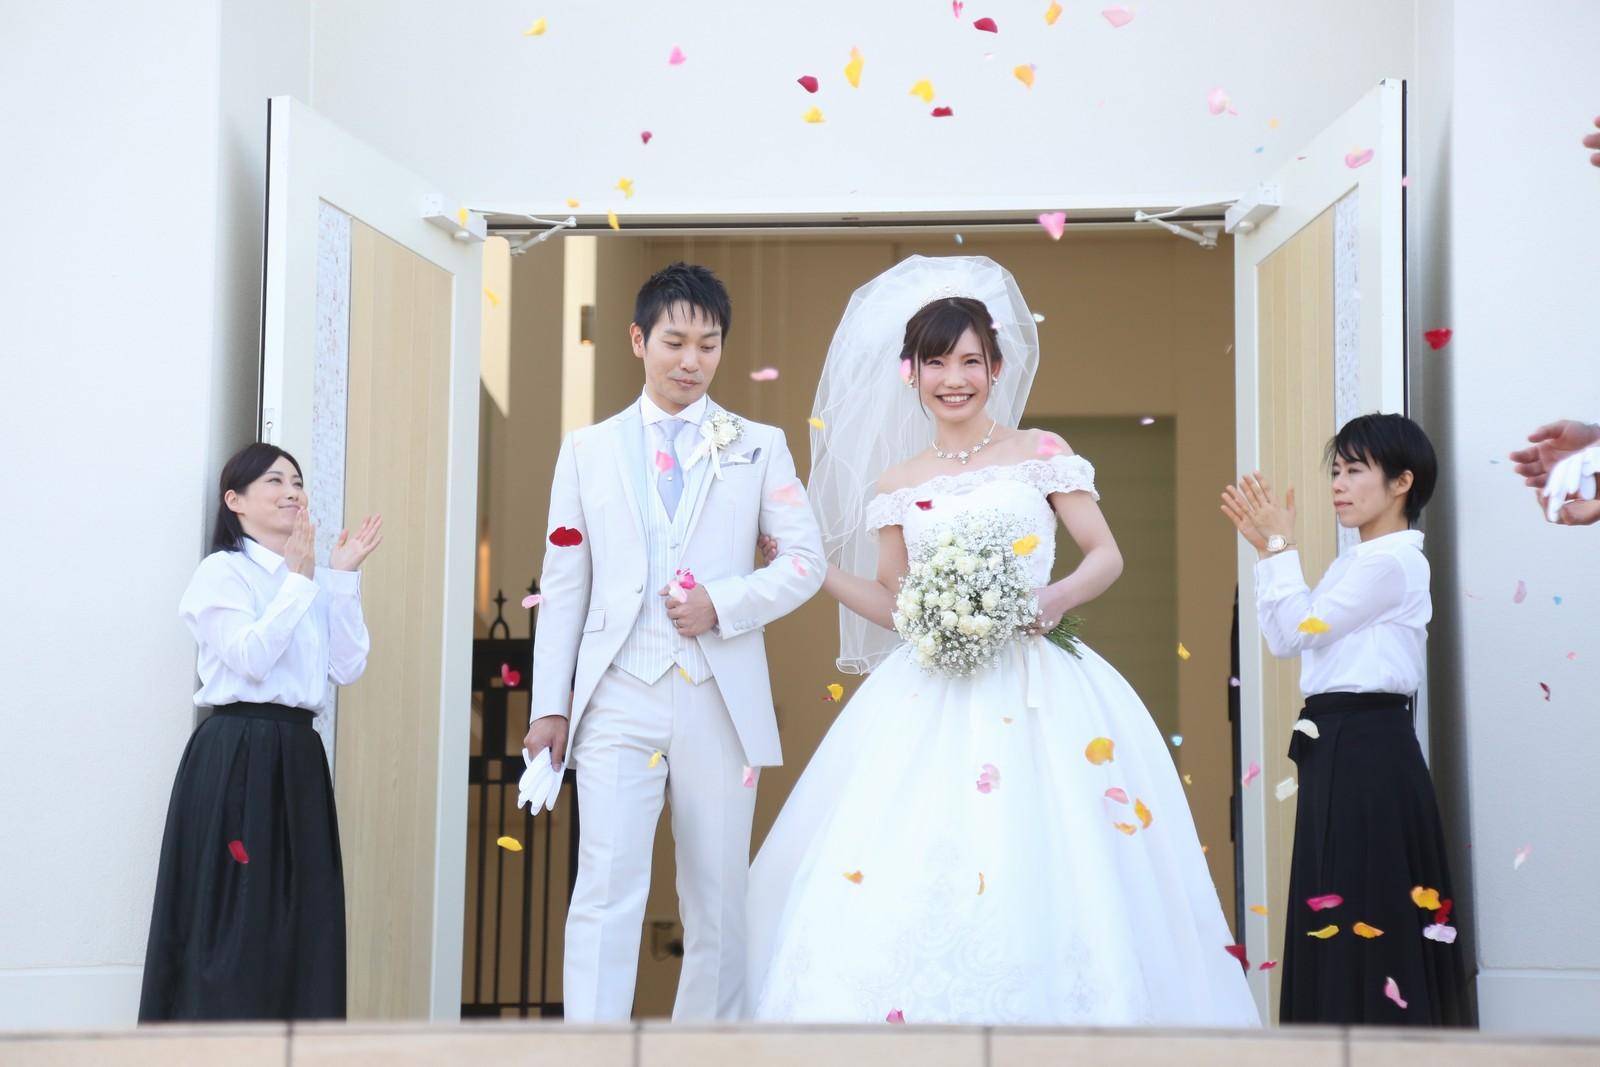 徳島市の結婚式場ブランアンジュで扉から大階段へ登場した新郎新婦